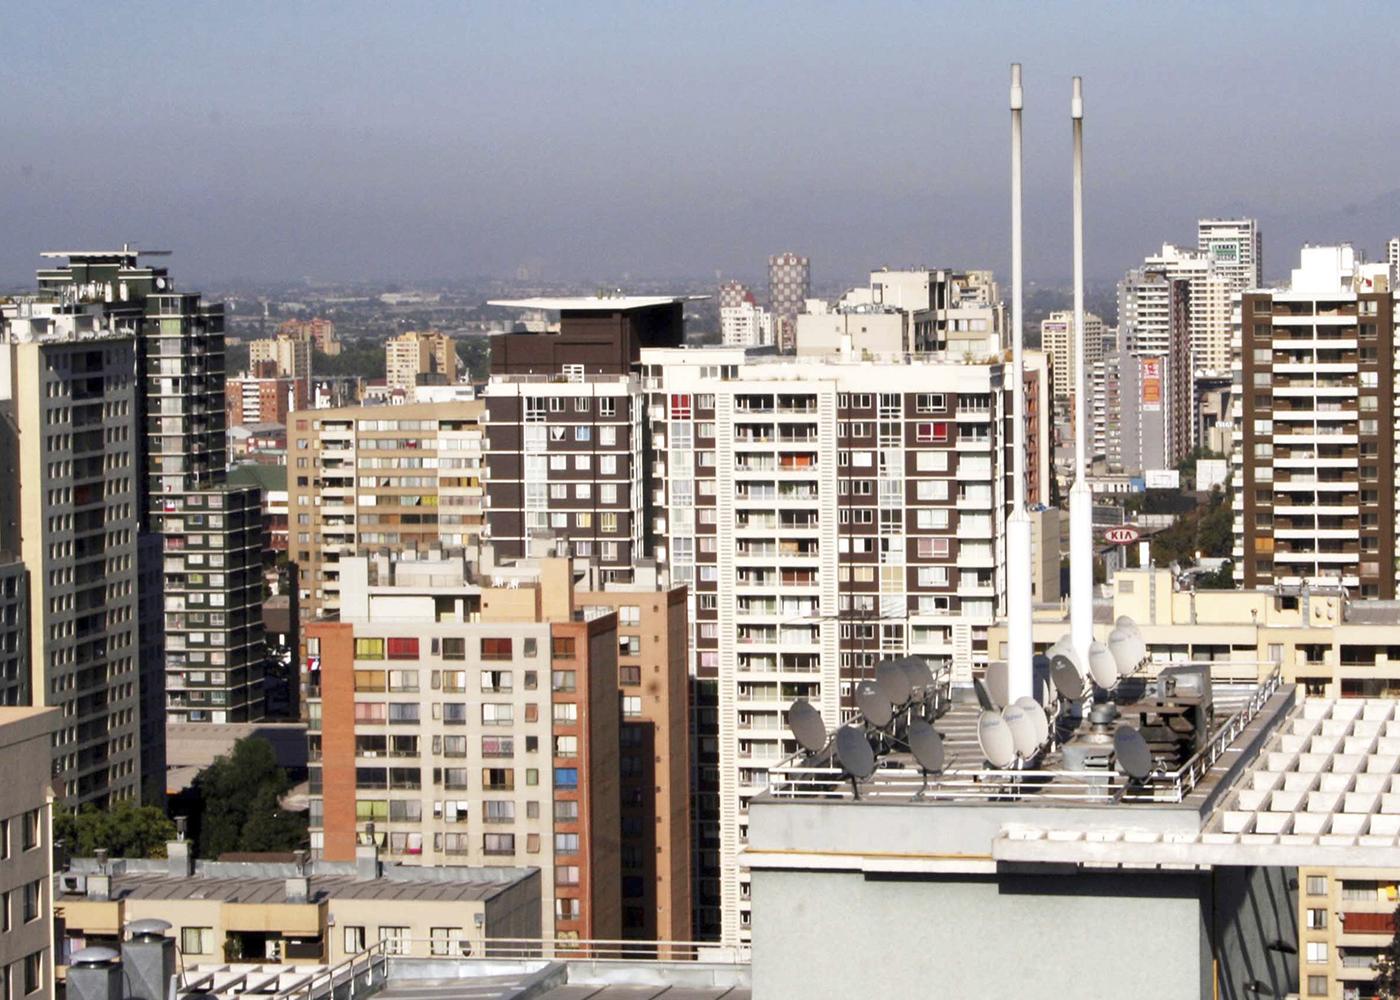 Vivienda, barrio y ciudad en el control de epidemias. Consideraciones sociales y urbanas para la formulación de políticas públicas de aislamiento y de distanciamiento social en Chile